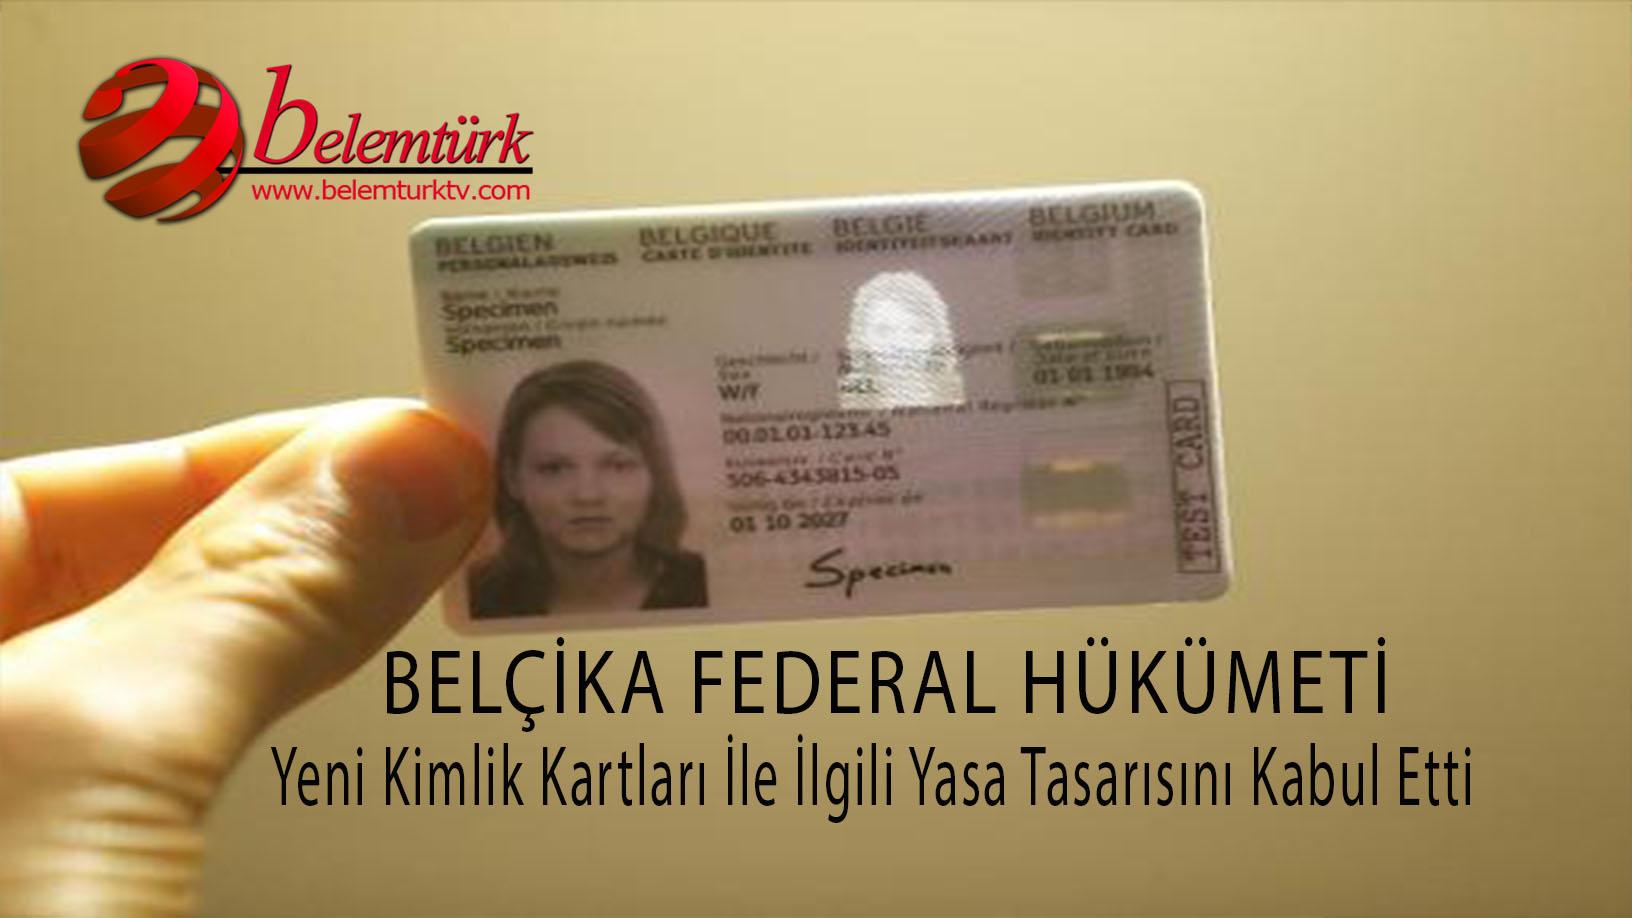 Belçika federal hükümeti yeni kimlik kartlarıyla ilgili yasa tasarını onayladı